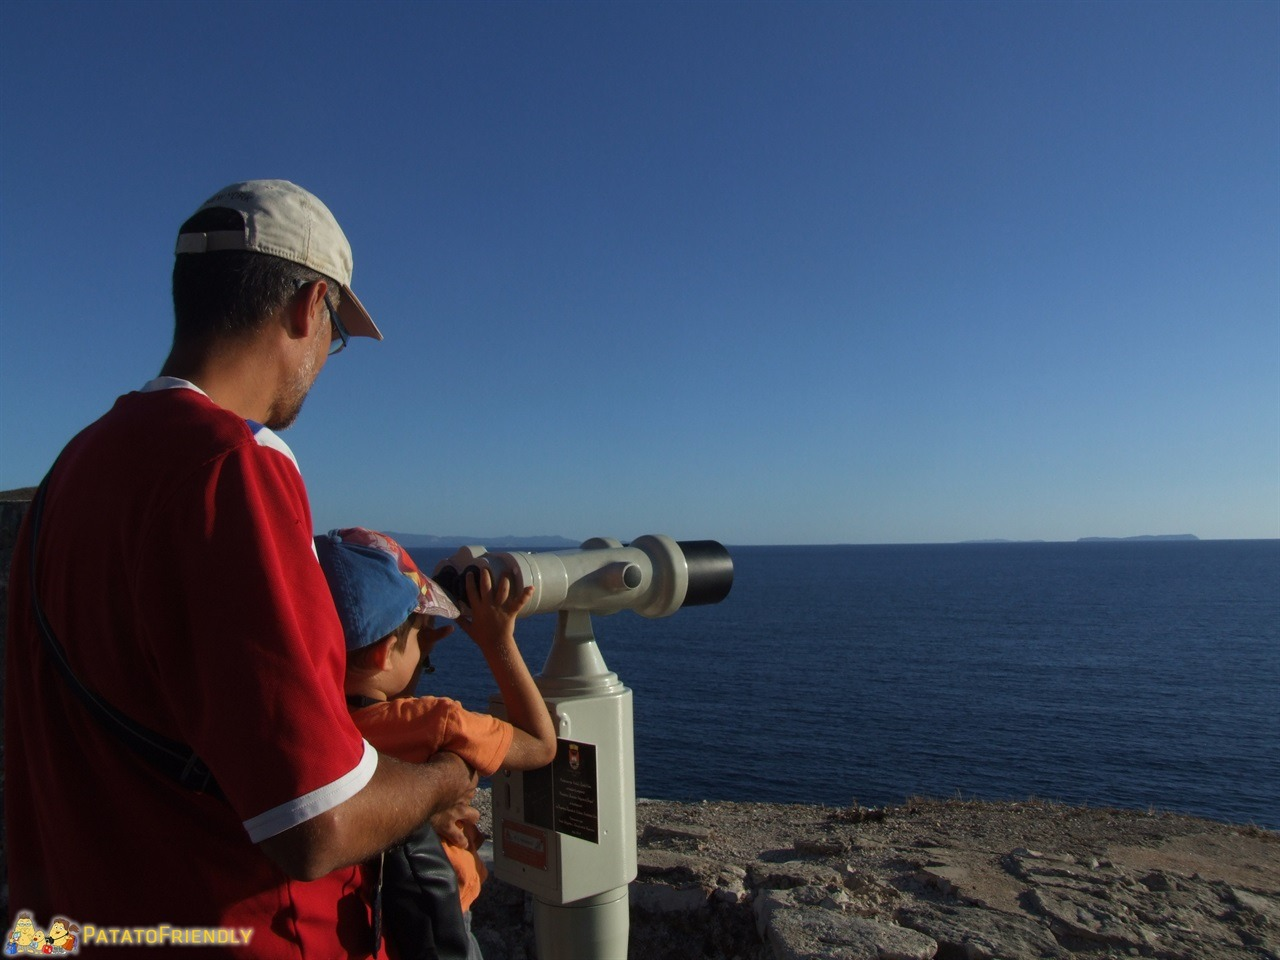 In Albania con i bambini - Ammirando l'infinito dal Castello di Porto Palermo